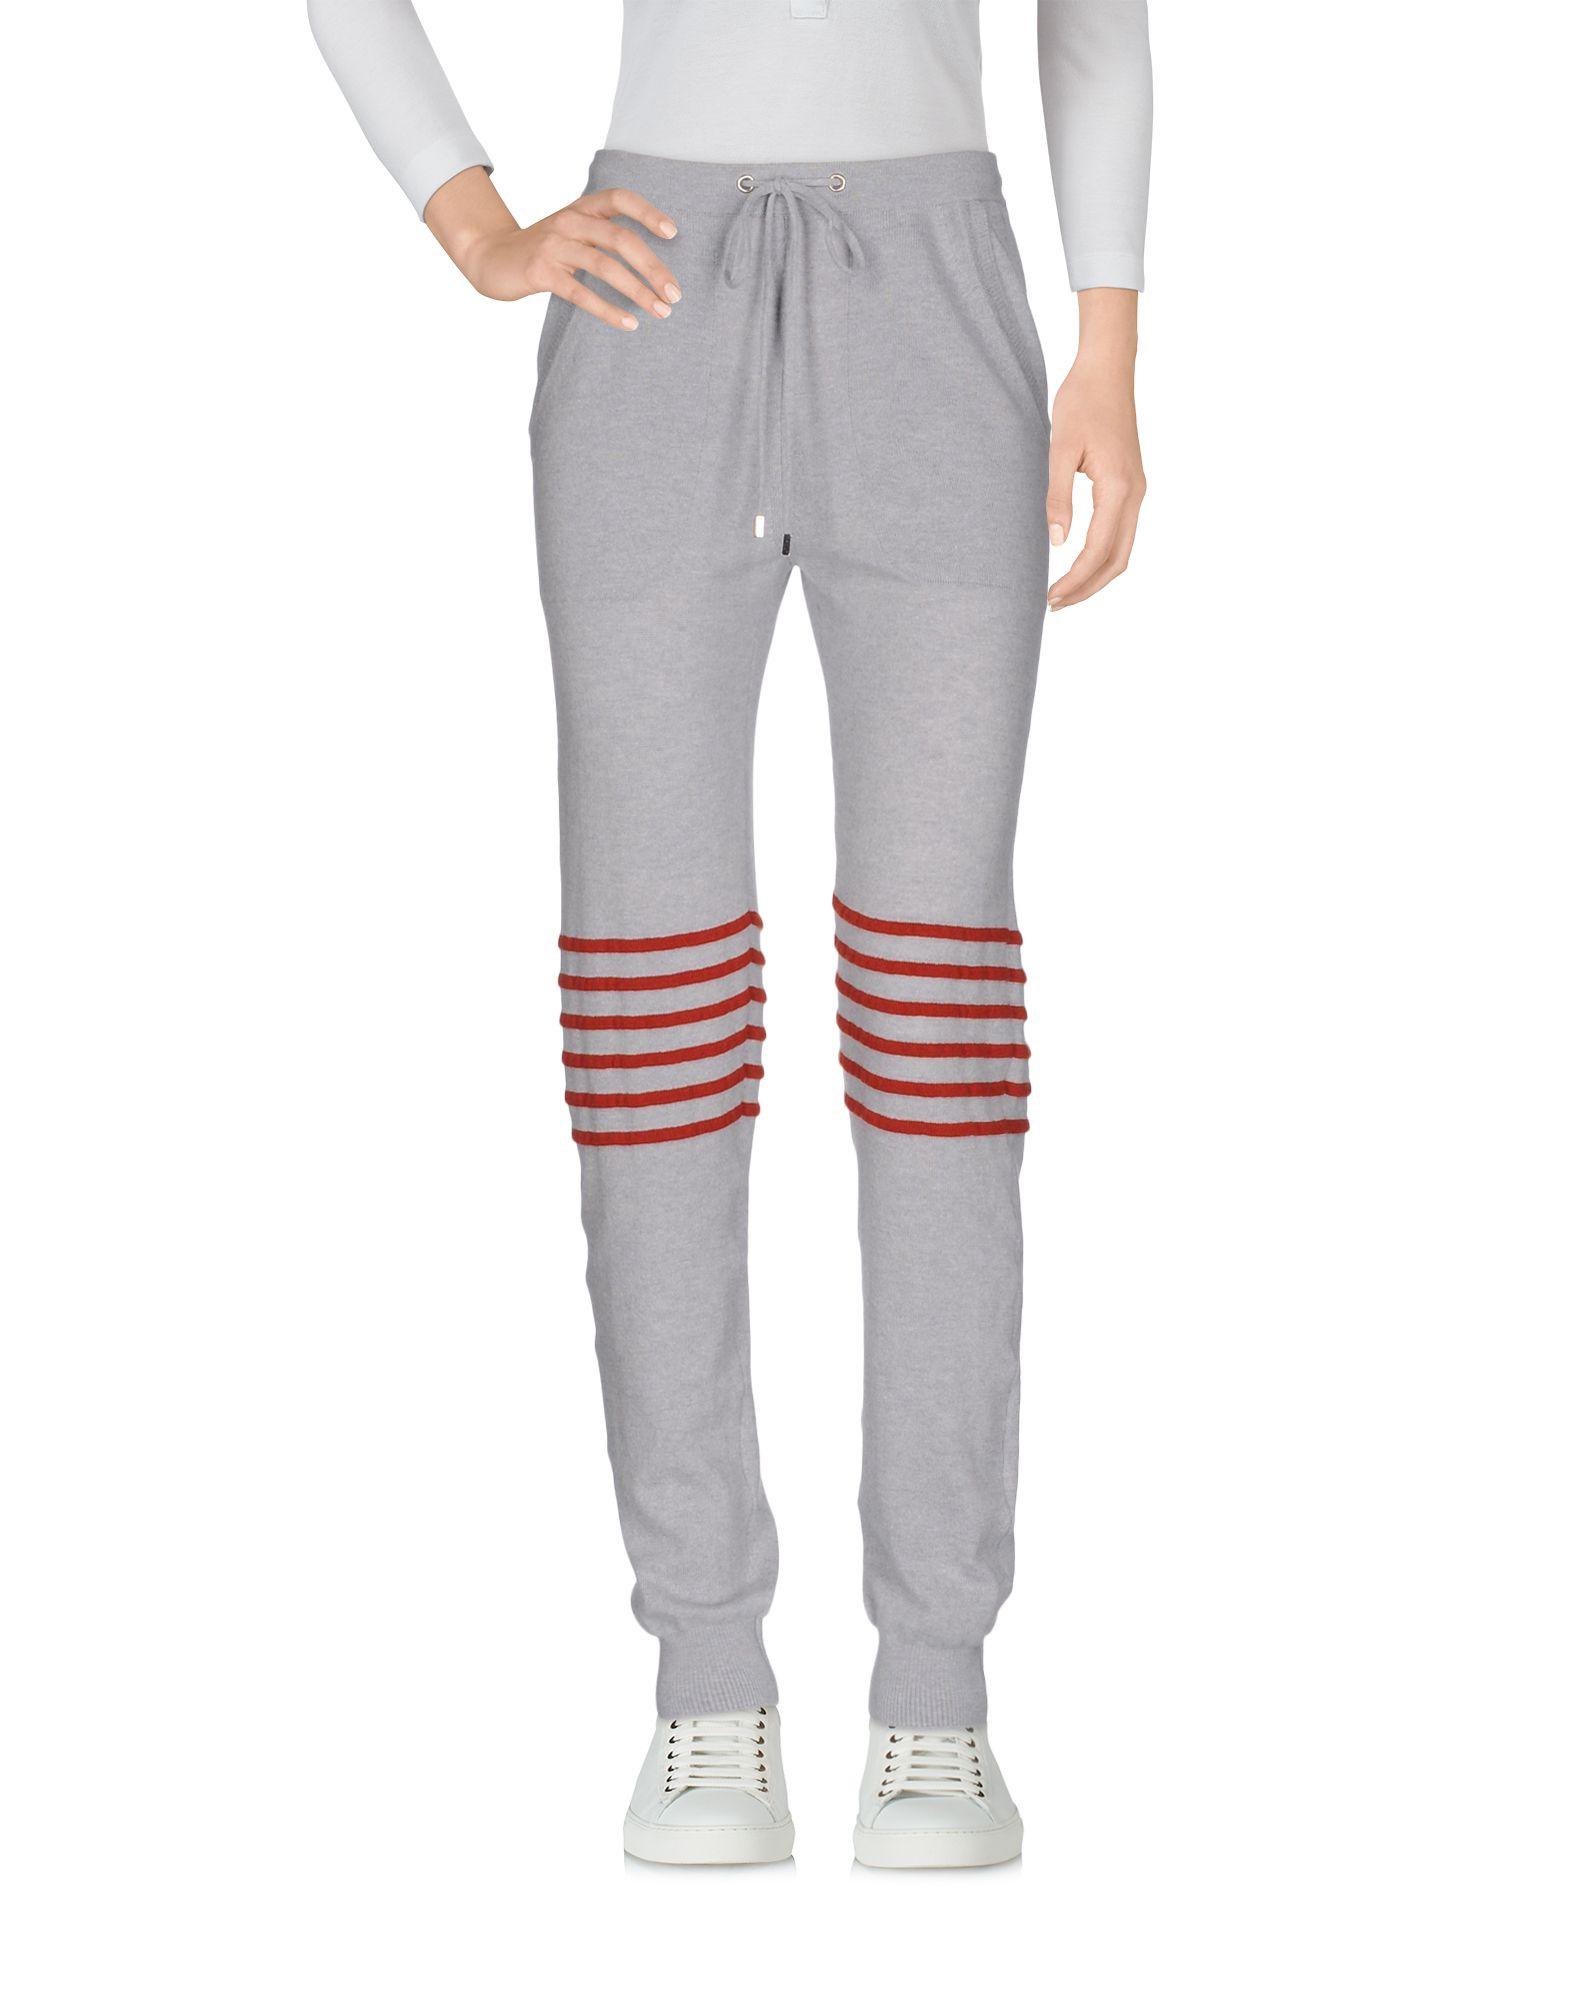 TAK.ORI Casual Pants in Grey